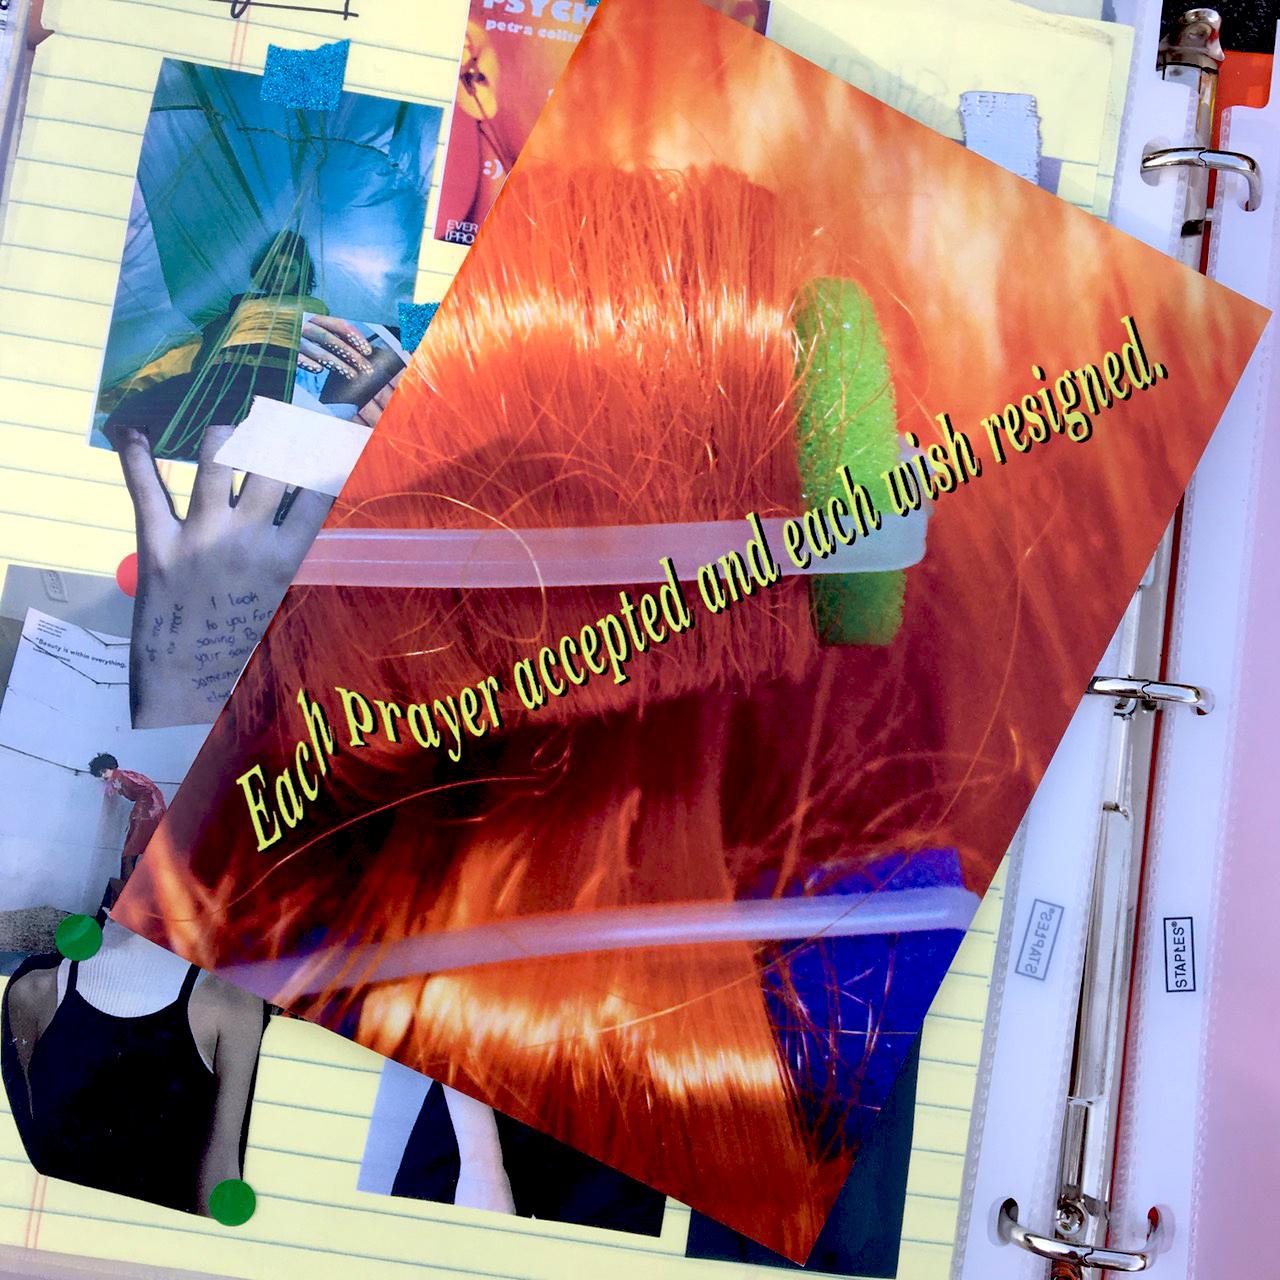 ZINEってどうやって作るの?blogger mariaのZINEプロセスからつくり方を学ぶ! #ZINE